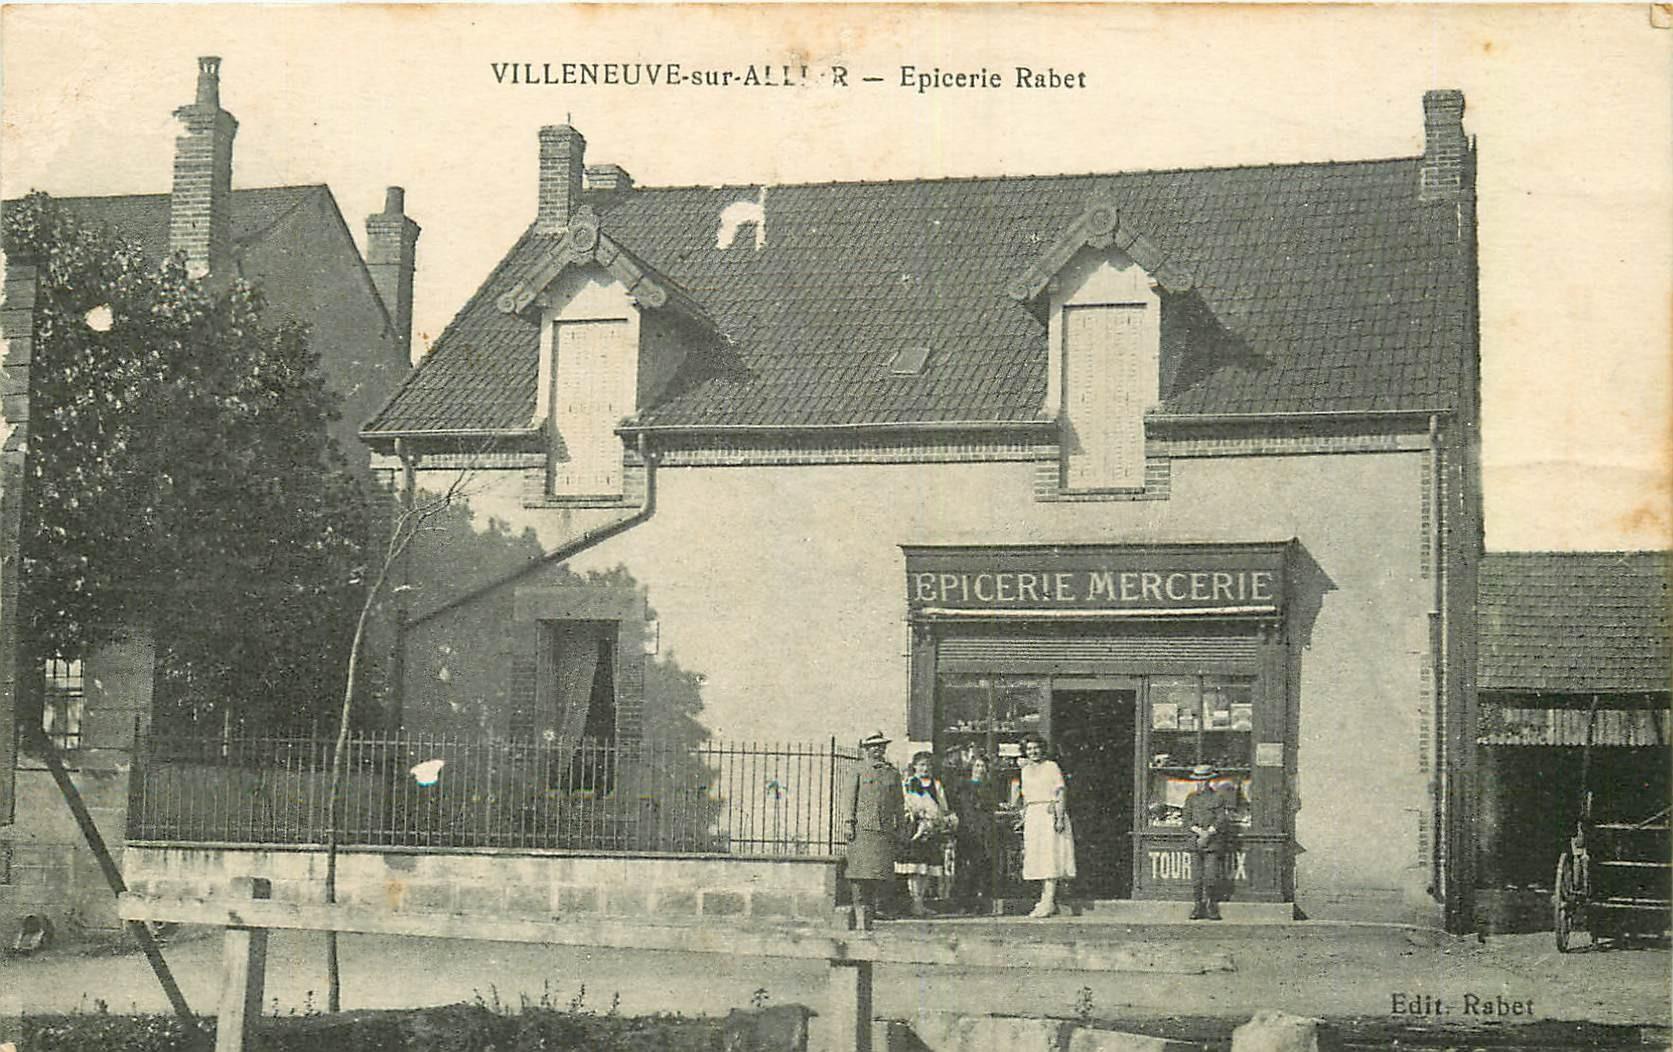 WW 03 VILLENEUVE-SUR-ALLIER. Epicerie Rabet